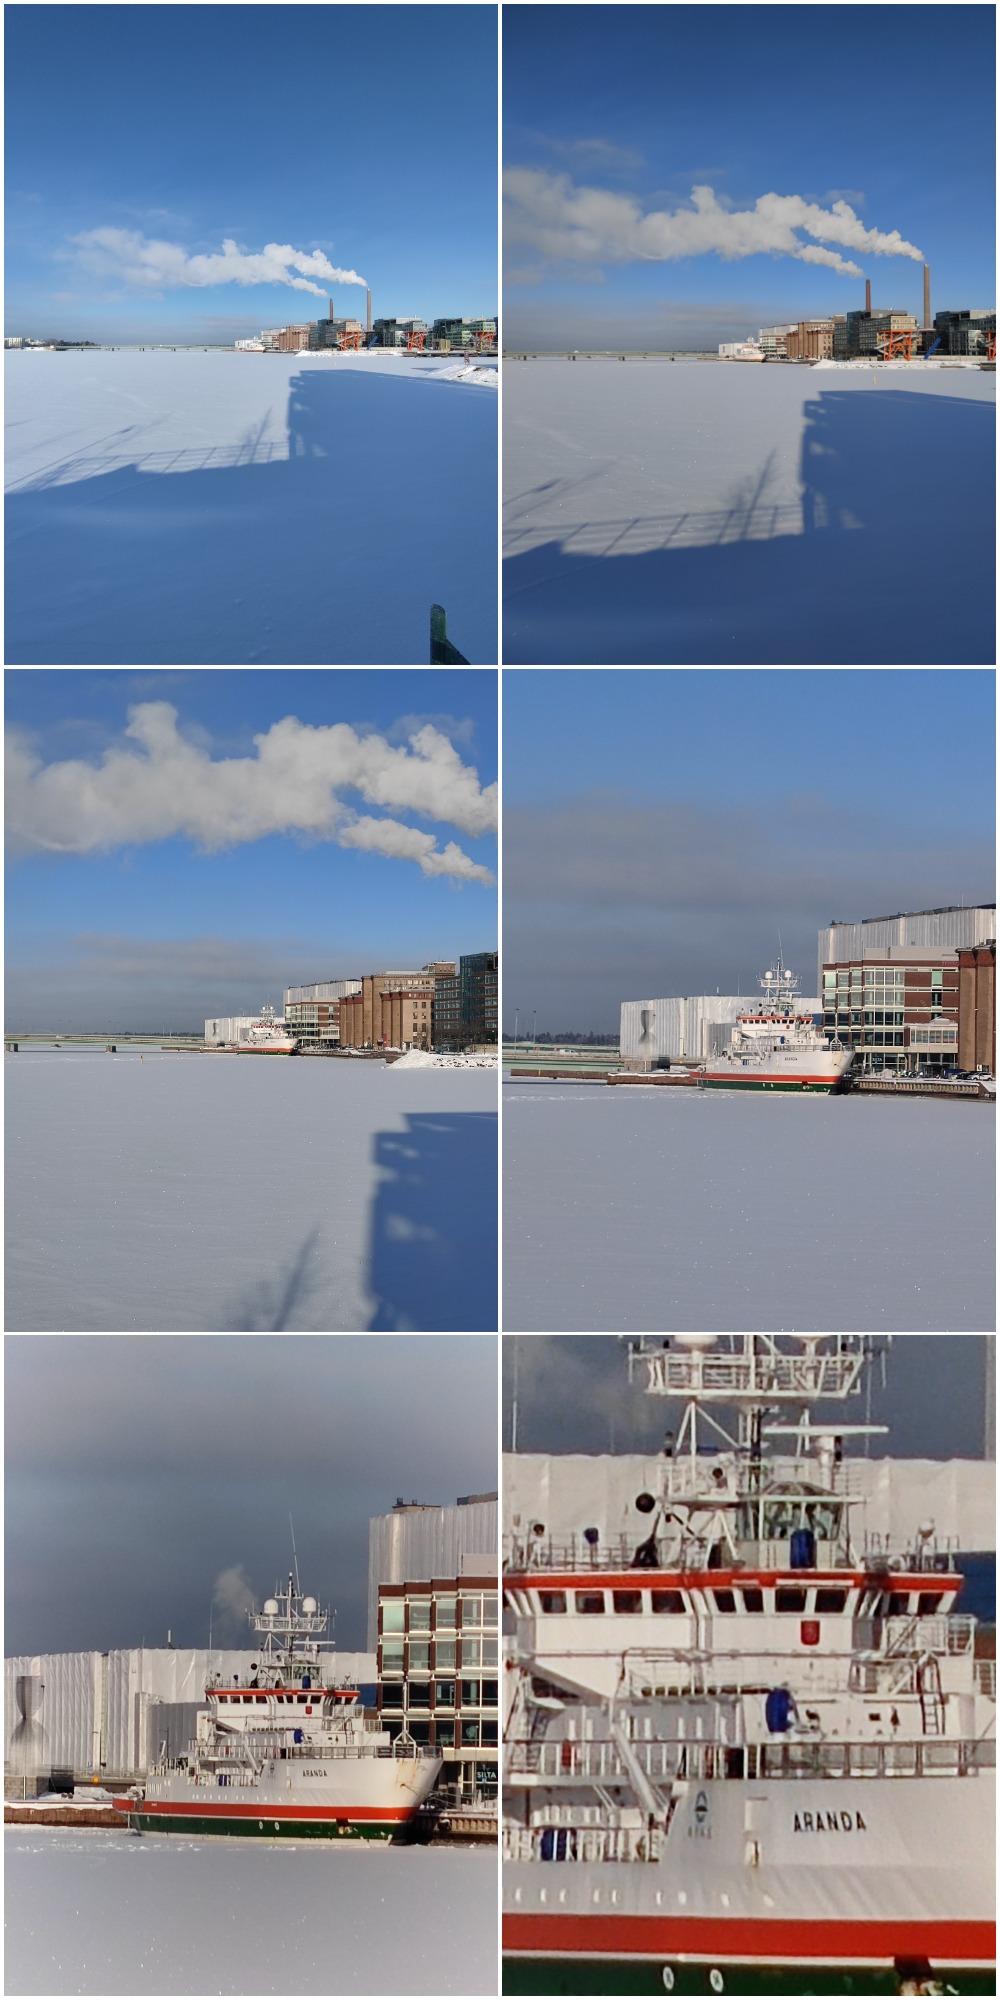 0,6x, 1x, 2x, 5x, 10x ja 30x. Kuvat samasta kohdasta Mi 11:n kameroilla.